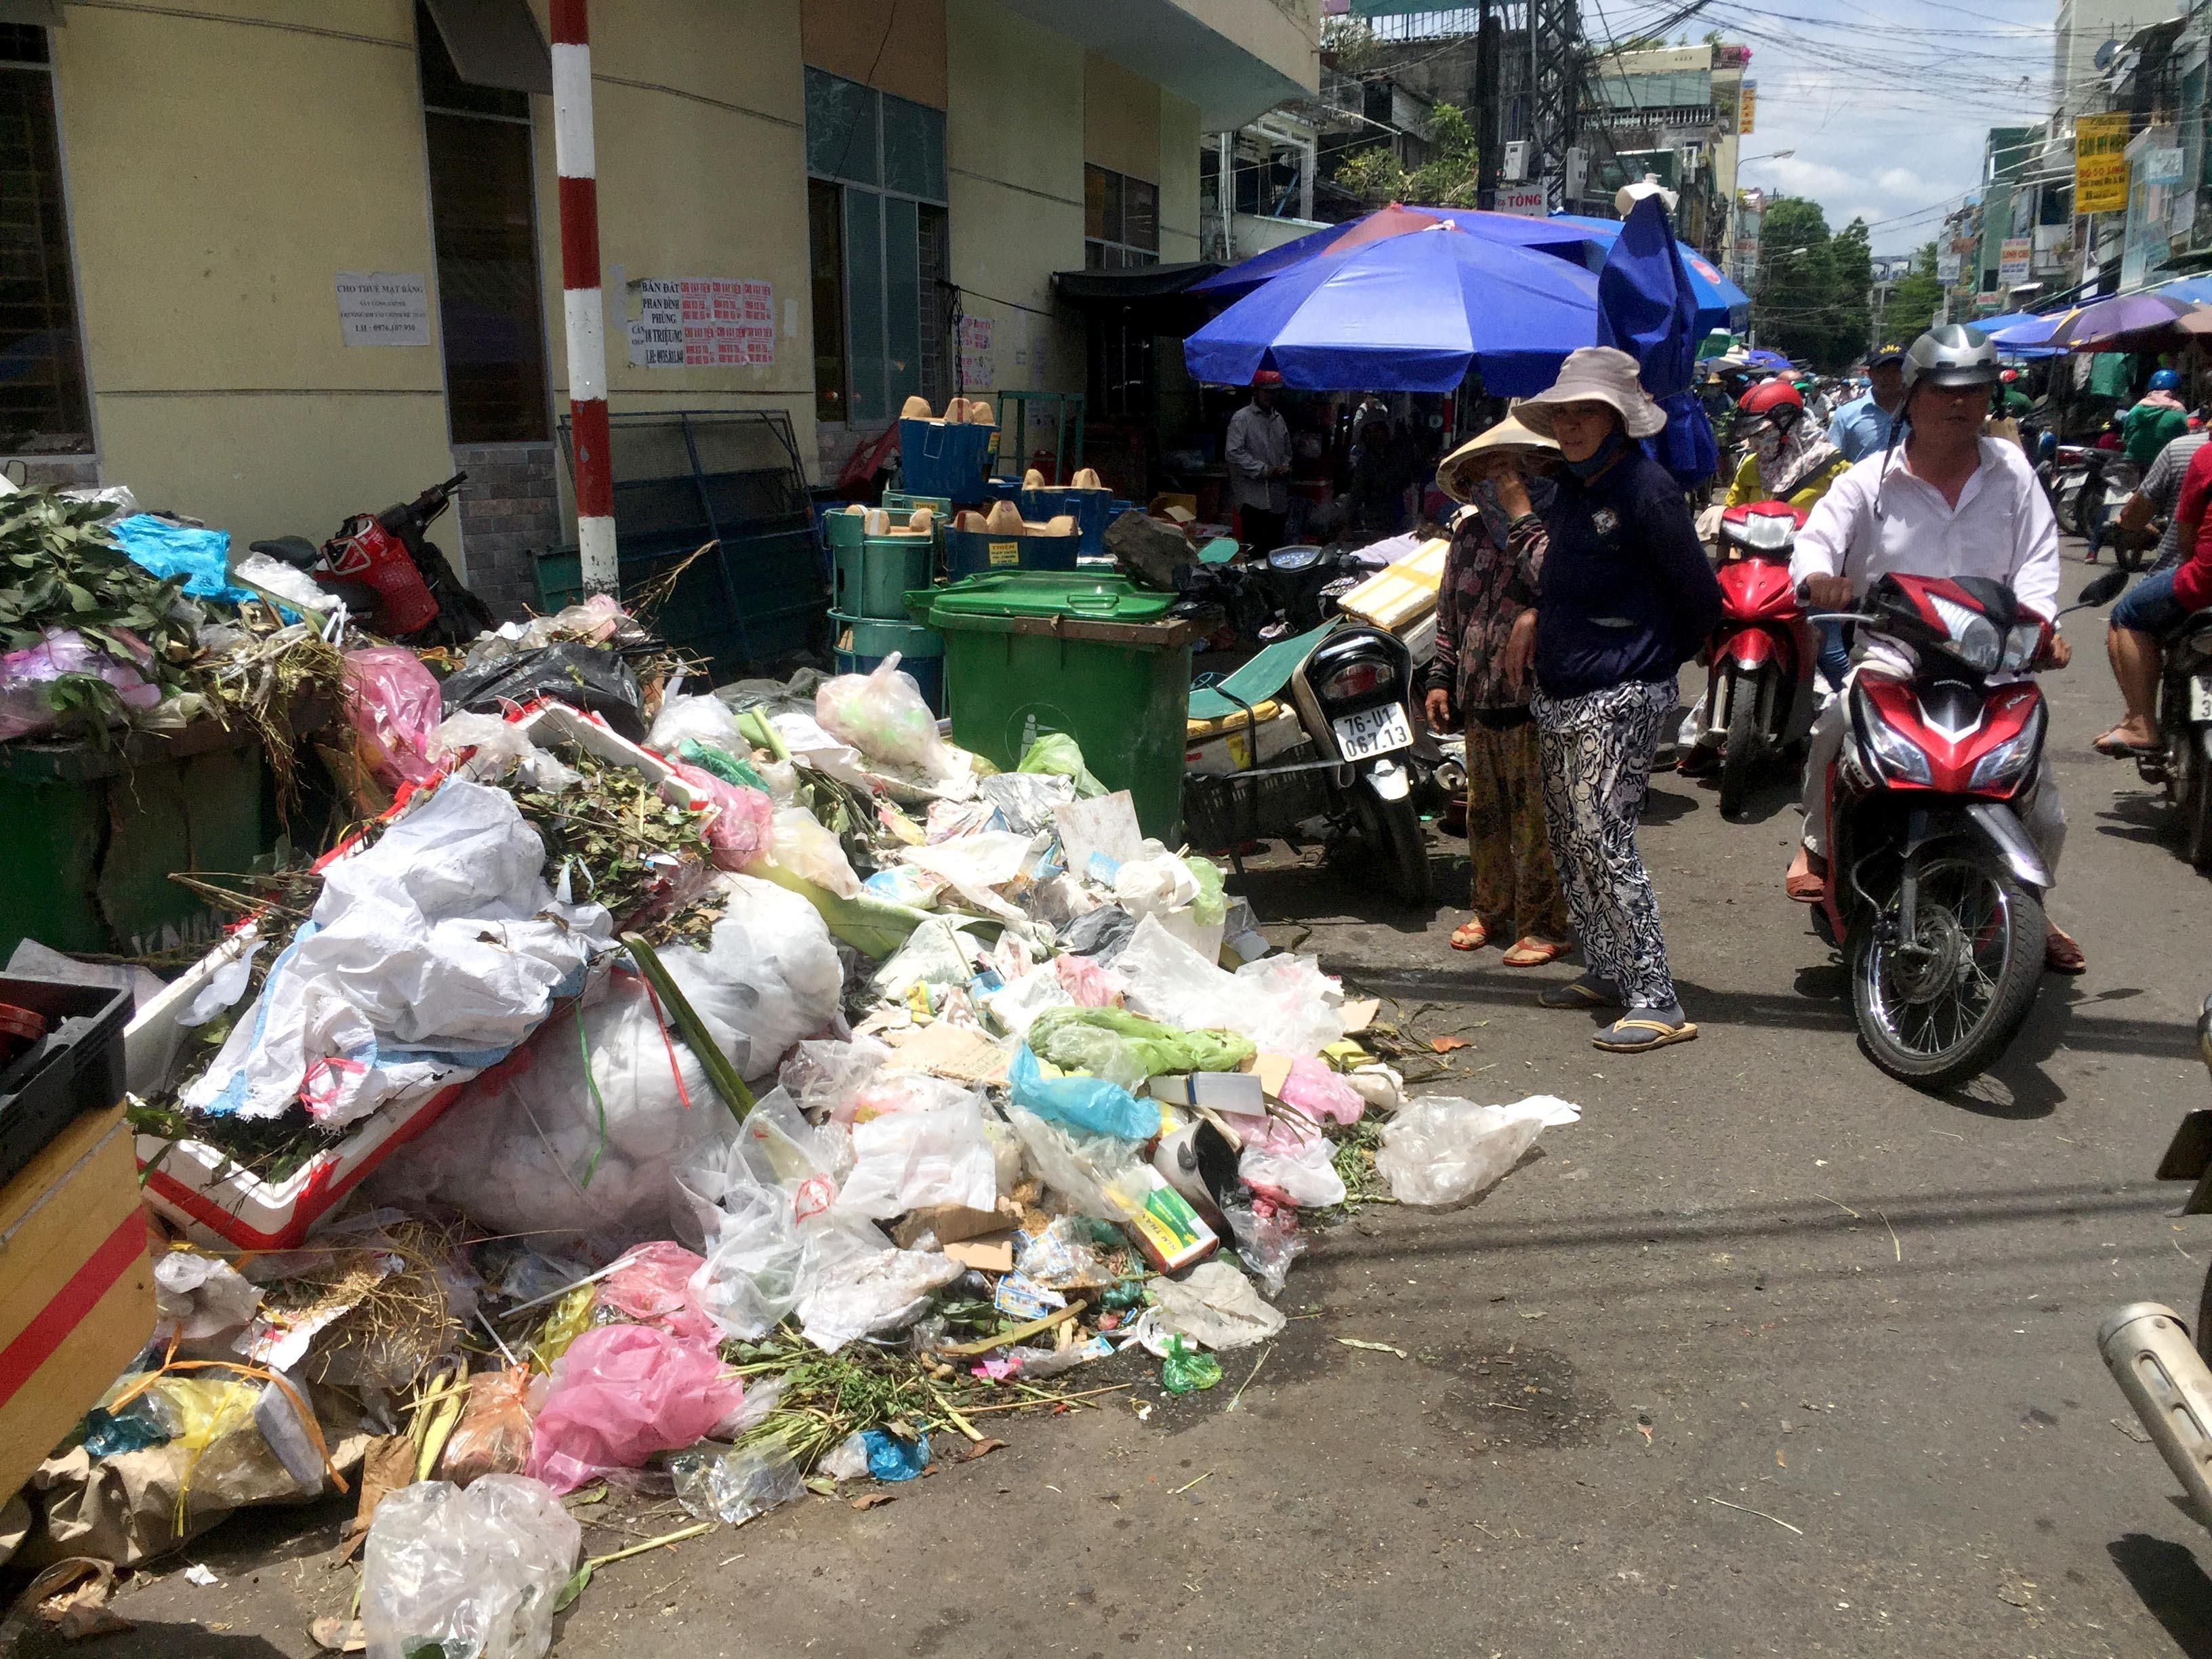 Quy định về khoảng cách từ khu xử lý chất thải tới khu dân cư